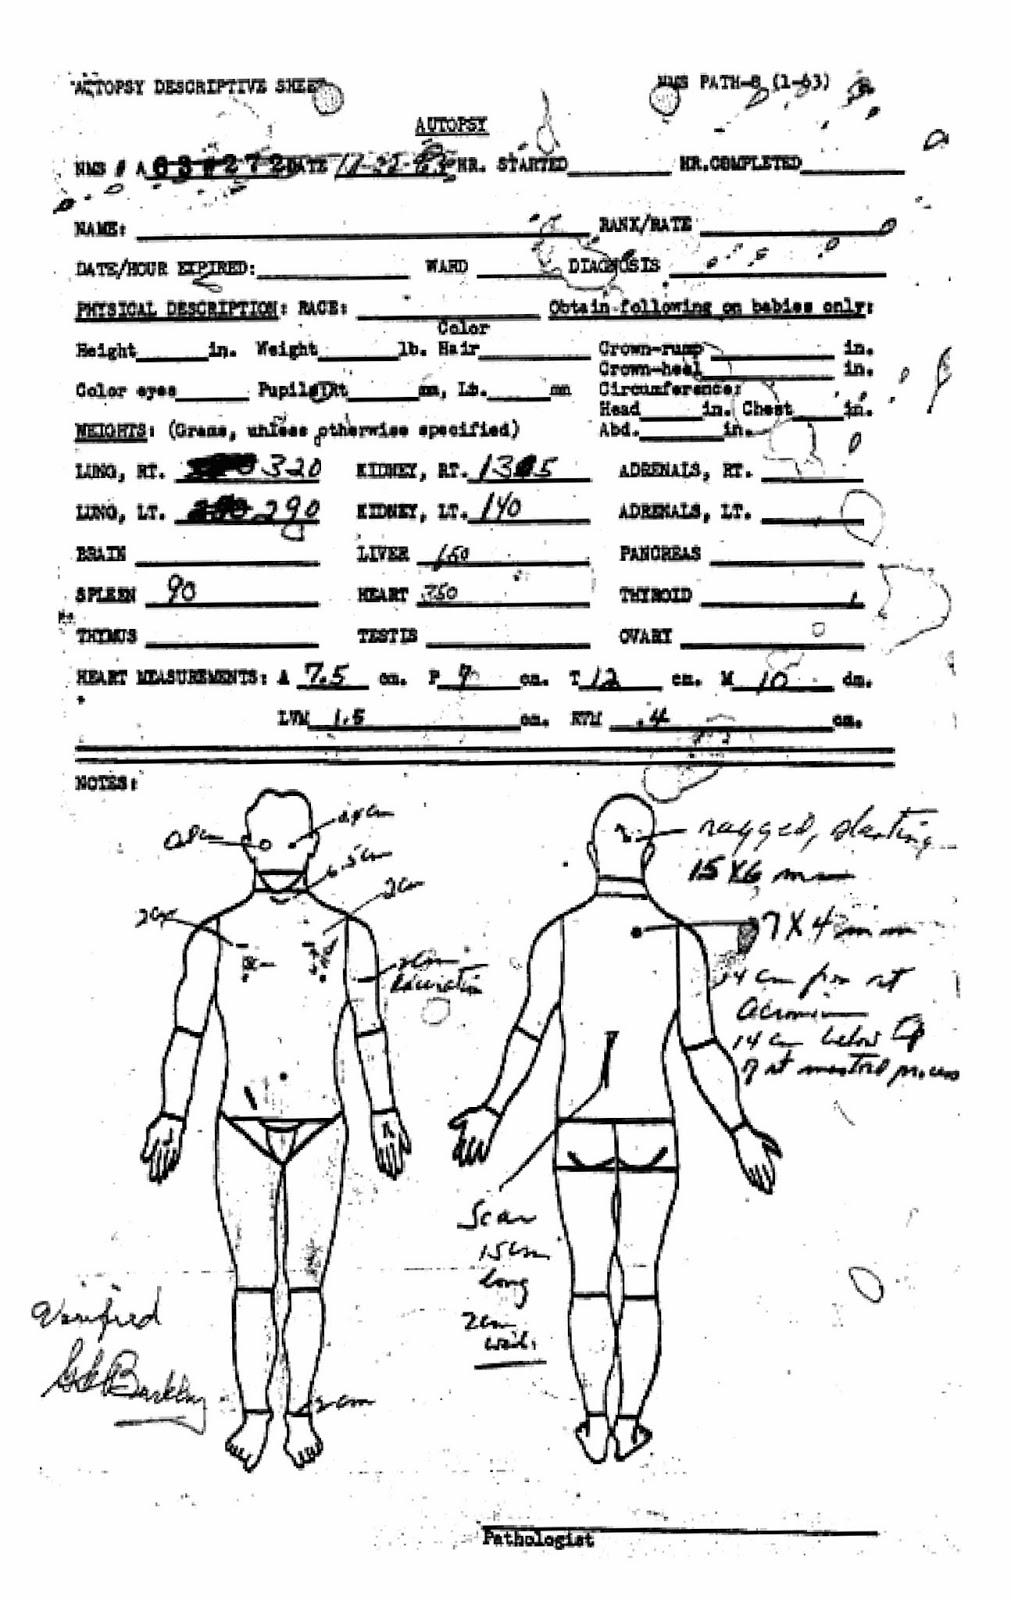 autopsy report order it happens